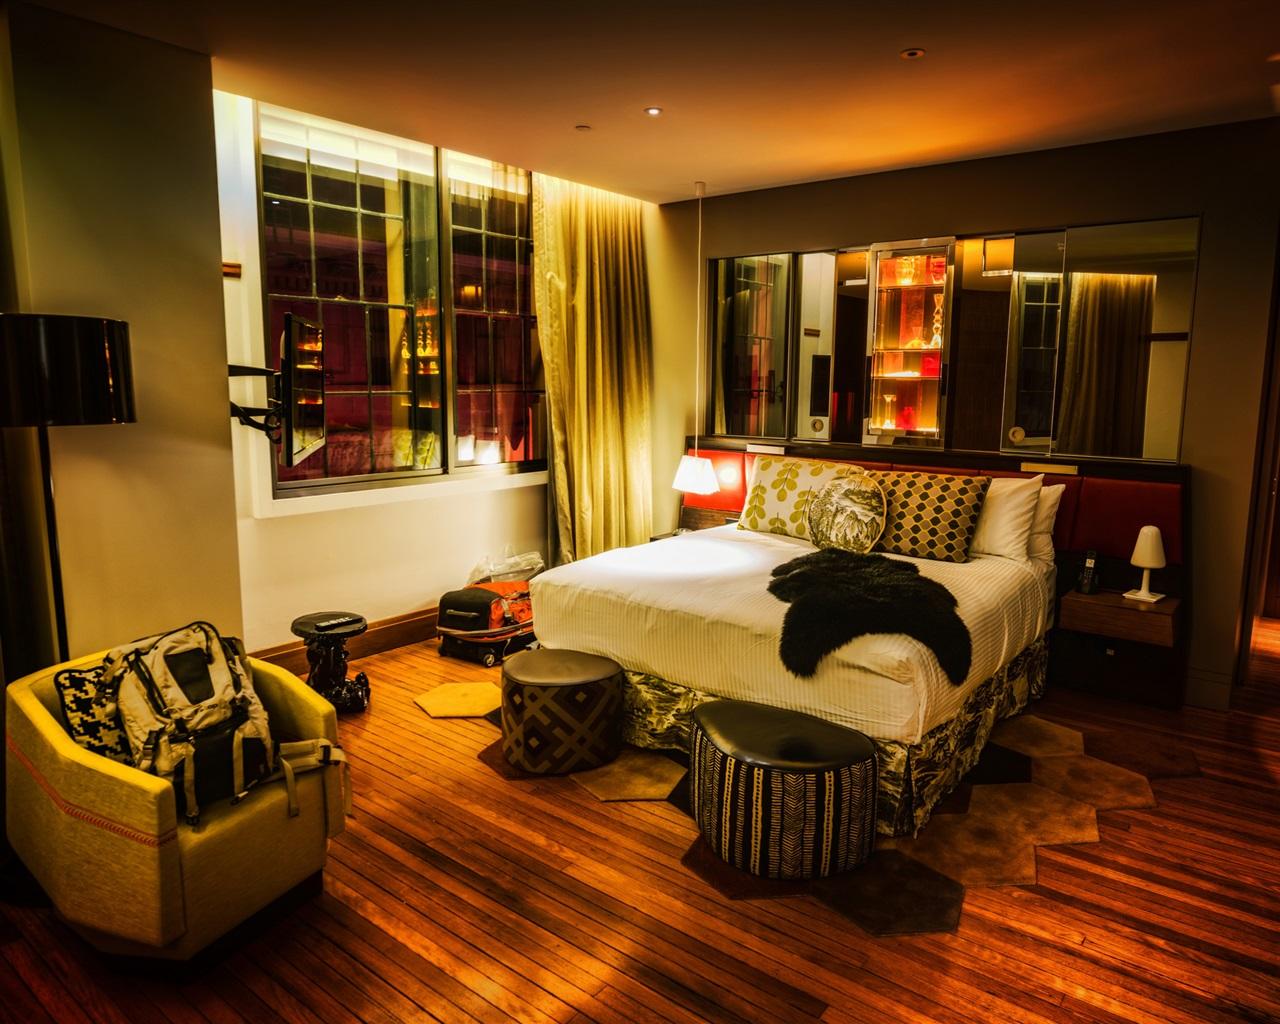 Download wallpaper 1280x1024 interior design bedroom hd for Interior design bedroom hd